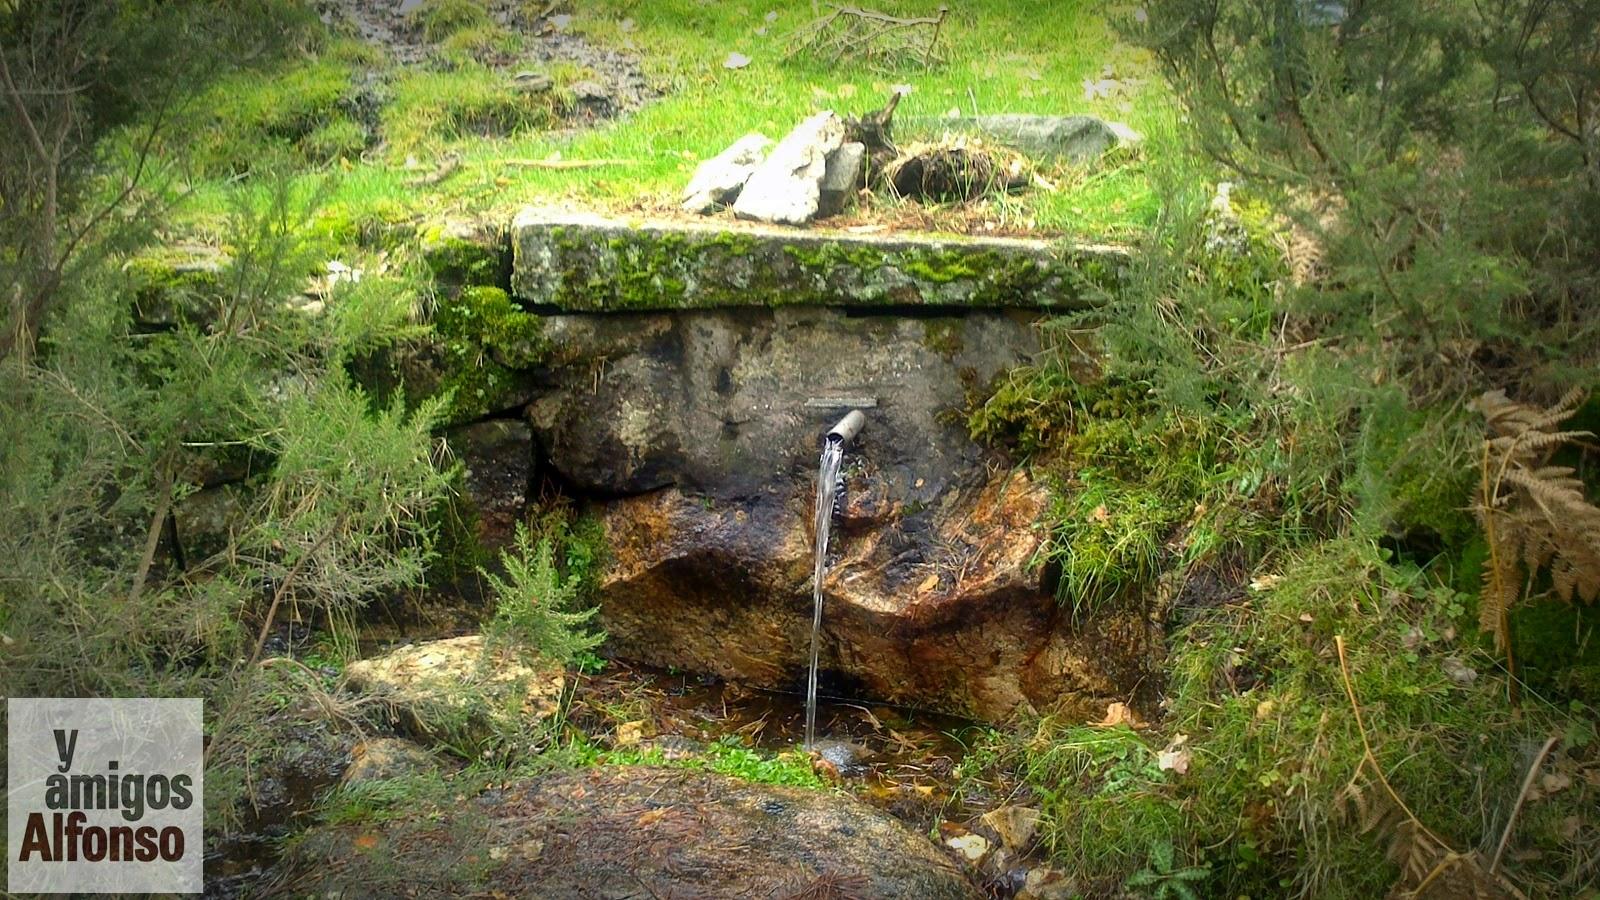 Fuente Fría de Peña Águila - Alfonsoyamigos